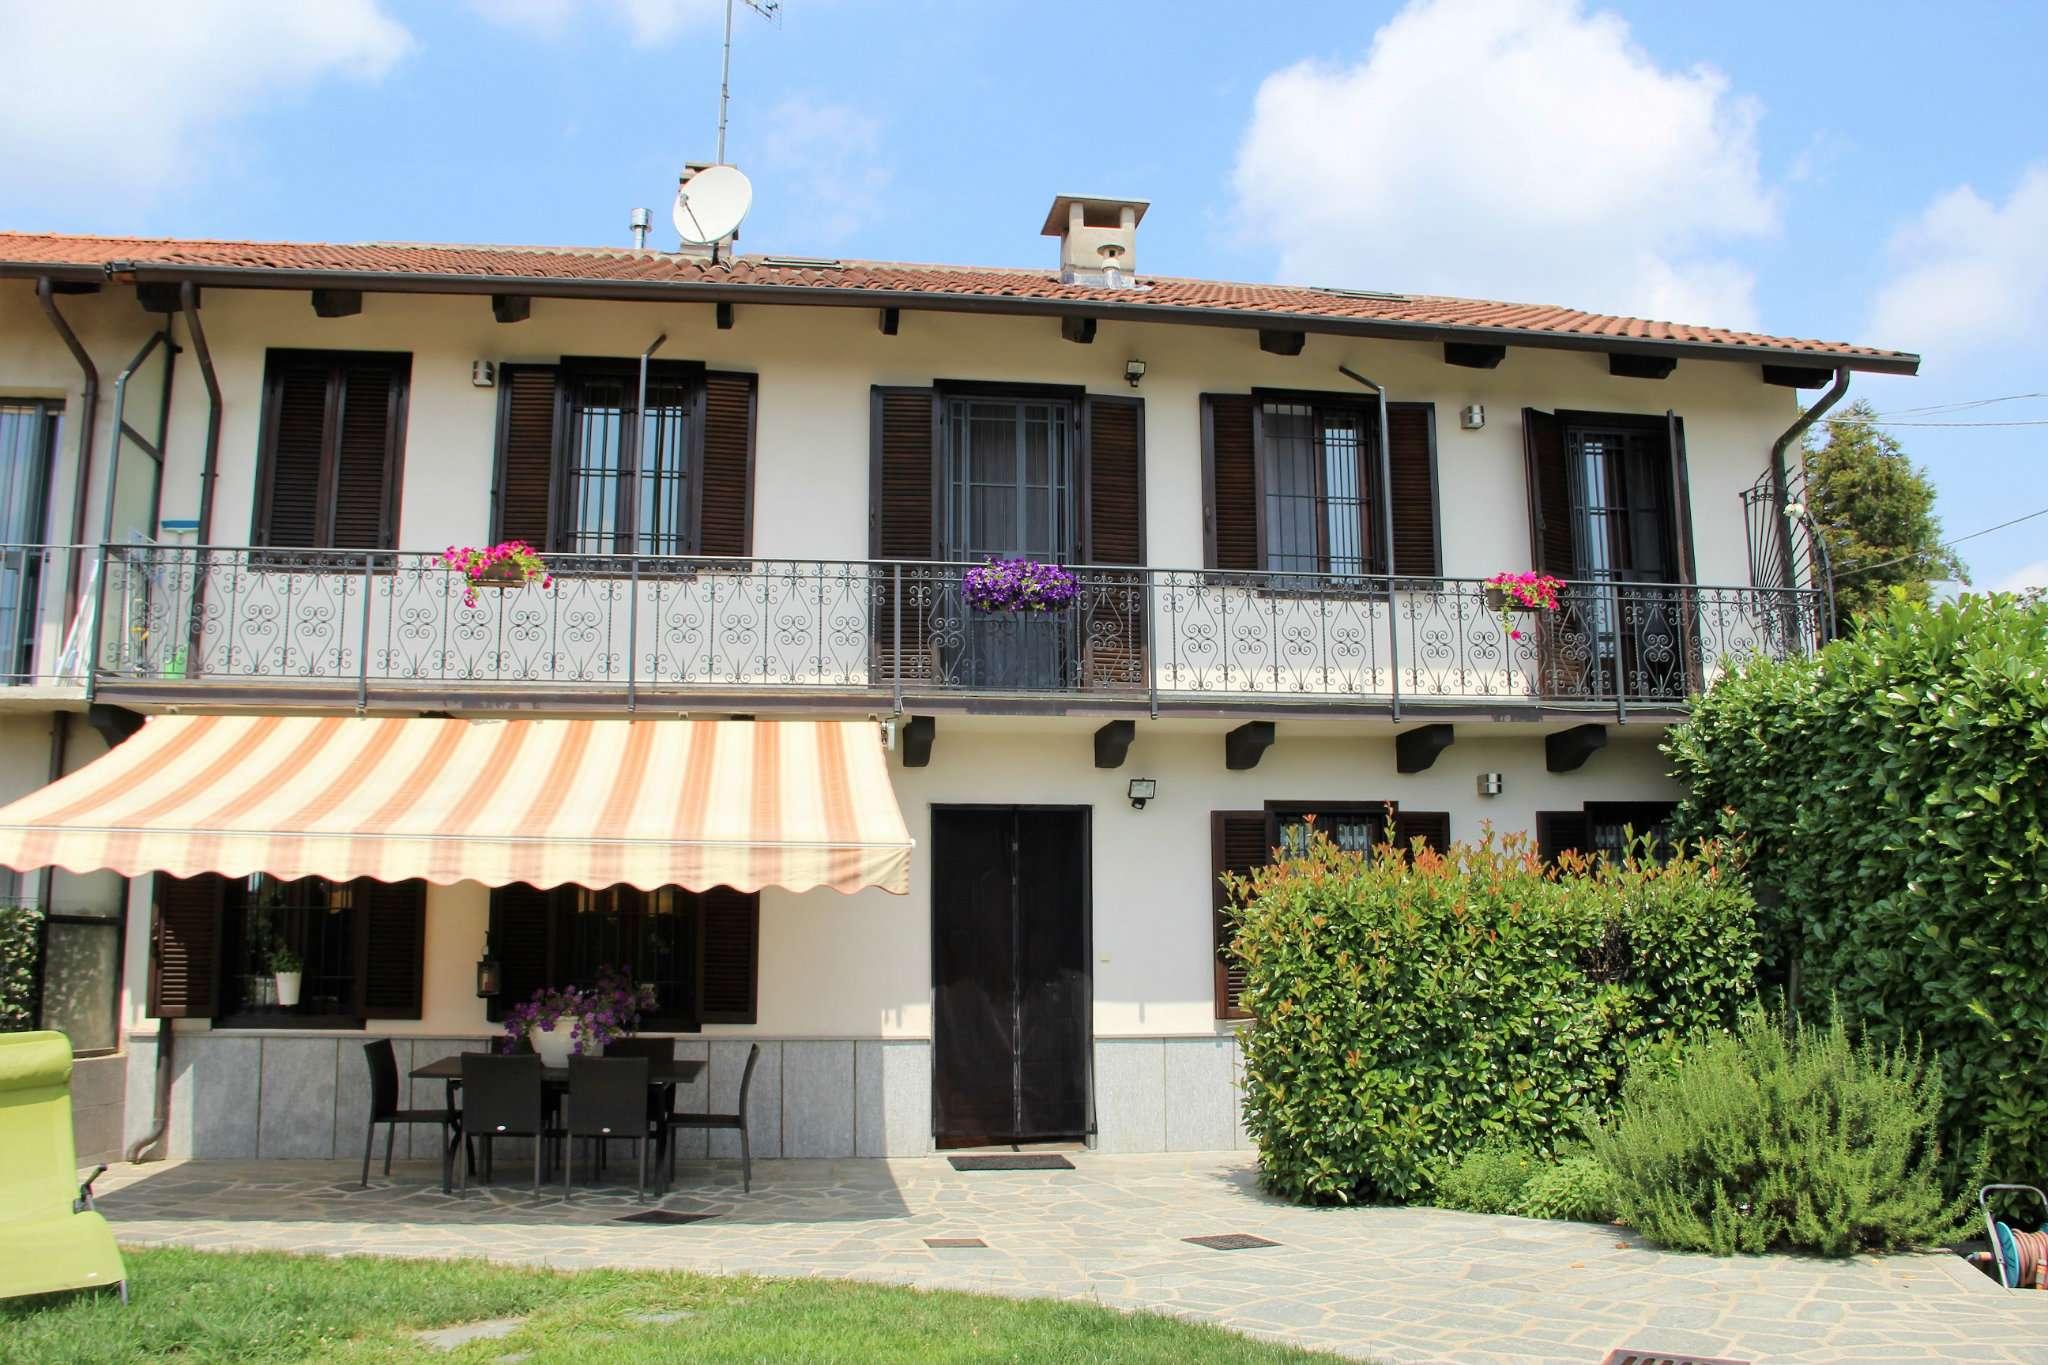 Soluzione Indipendente in vendita a Villarbasse, 7 locali, prezzo € 379.000 | CambioCasa.it